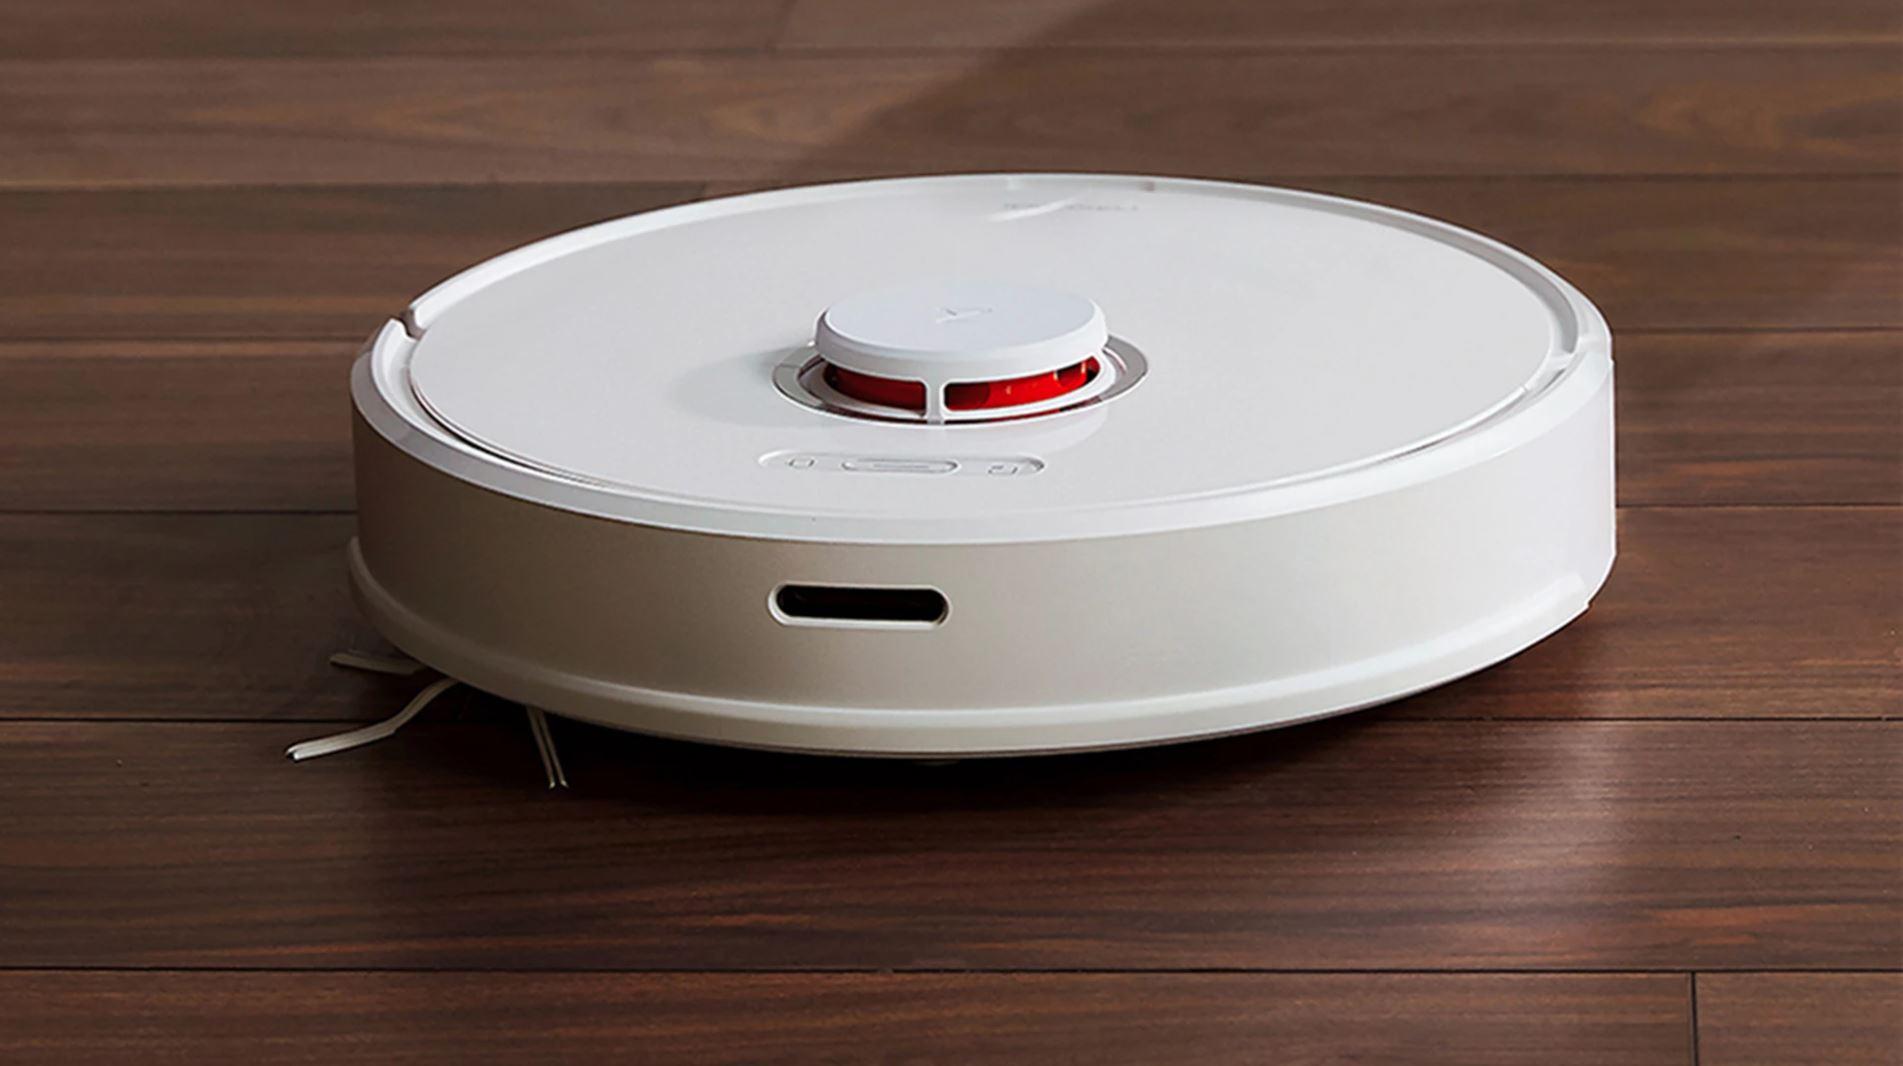 Najpopularniejsze roboty sprzątające - TOP 10 - Roborock S6